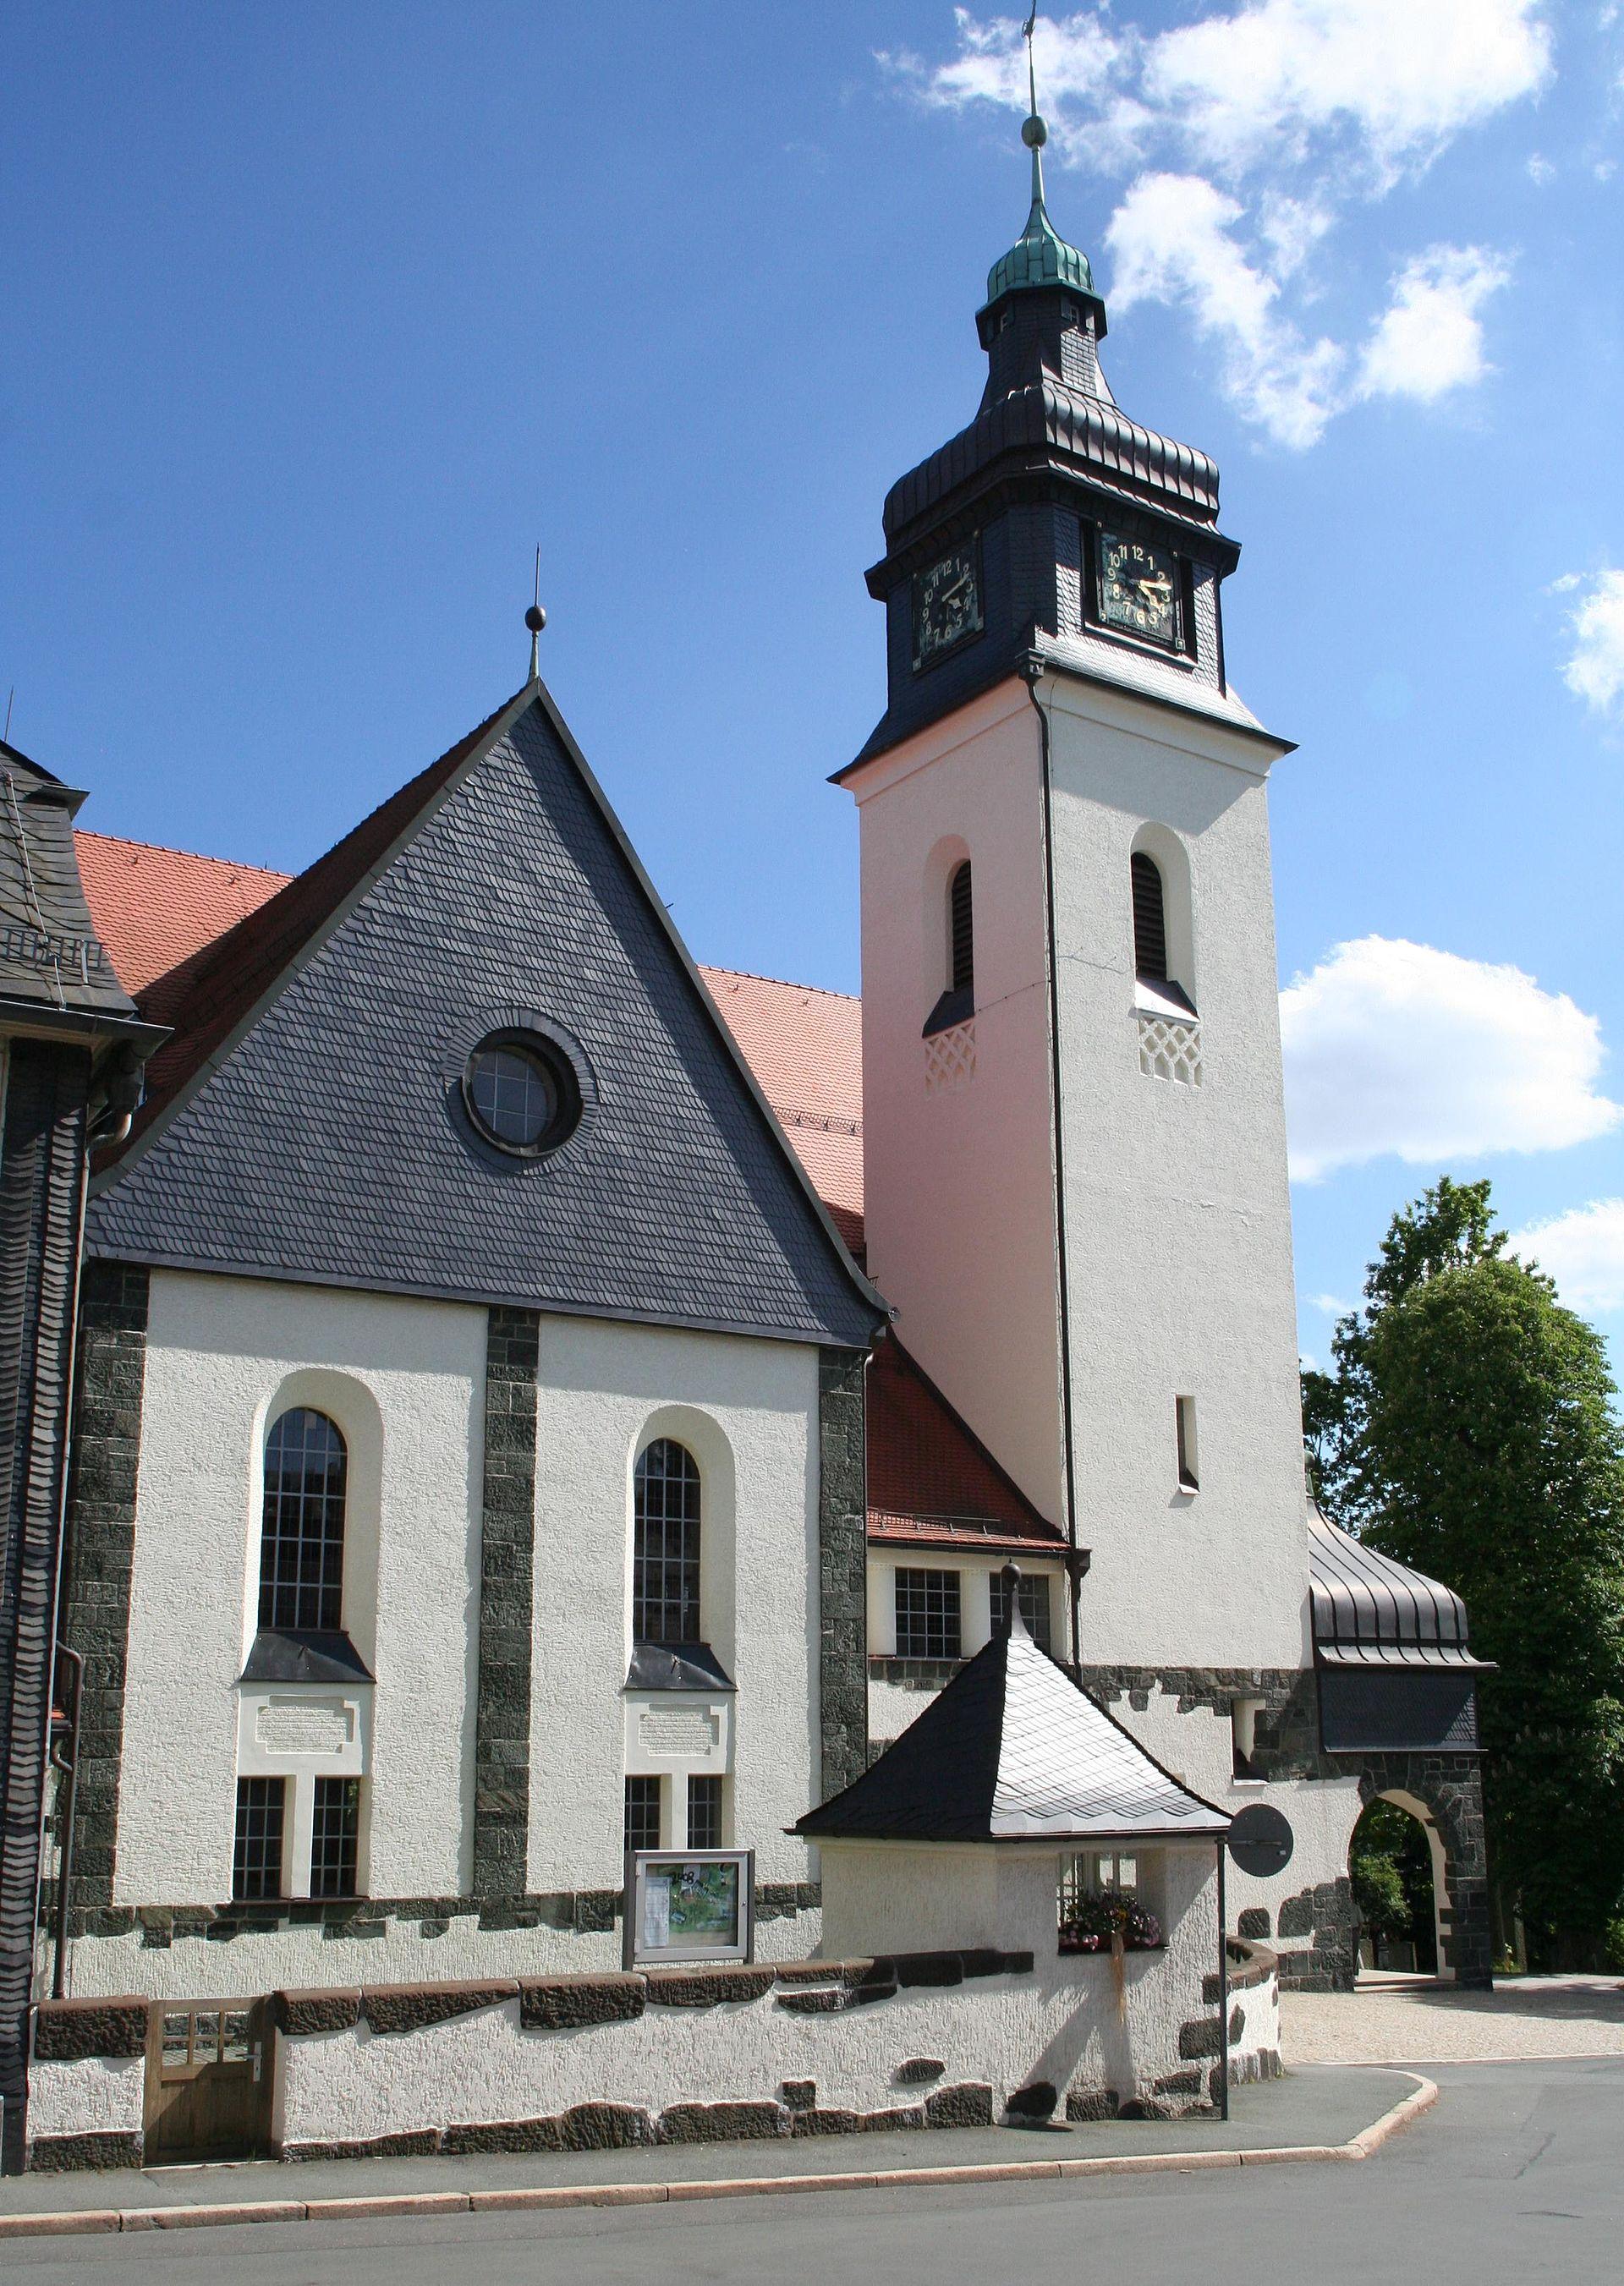 lutherkirche bad steben wikipedia. Black Bedroom Furniture Sets. Home Design Ideas